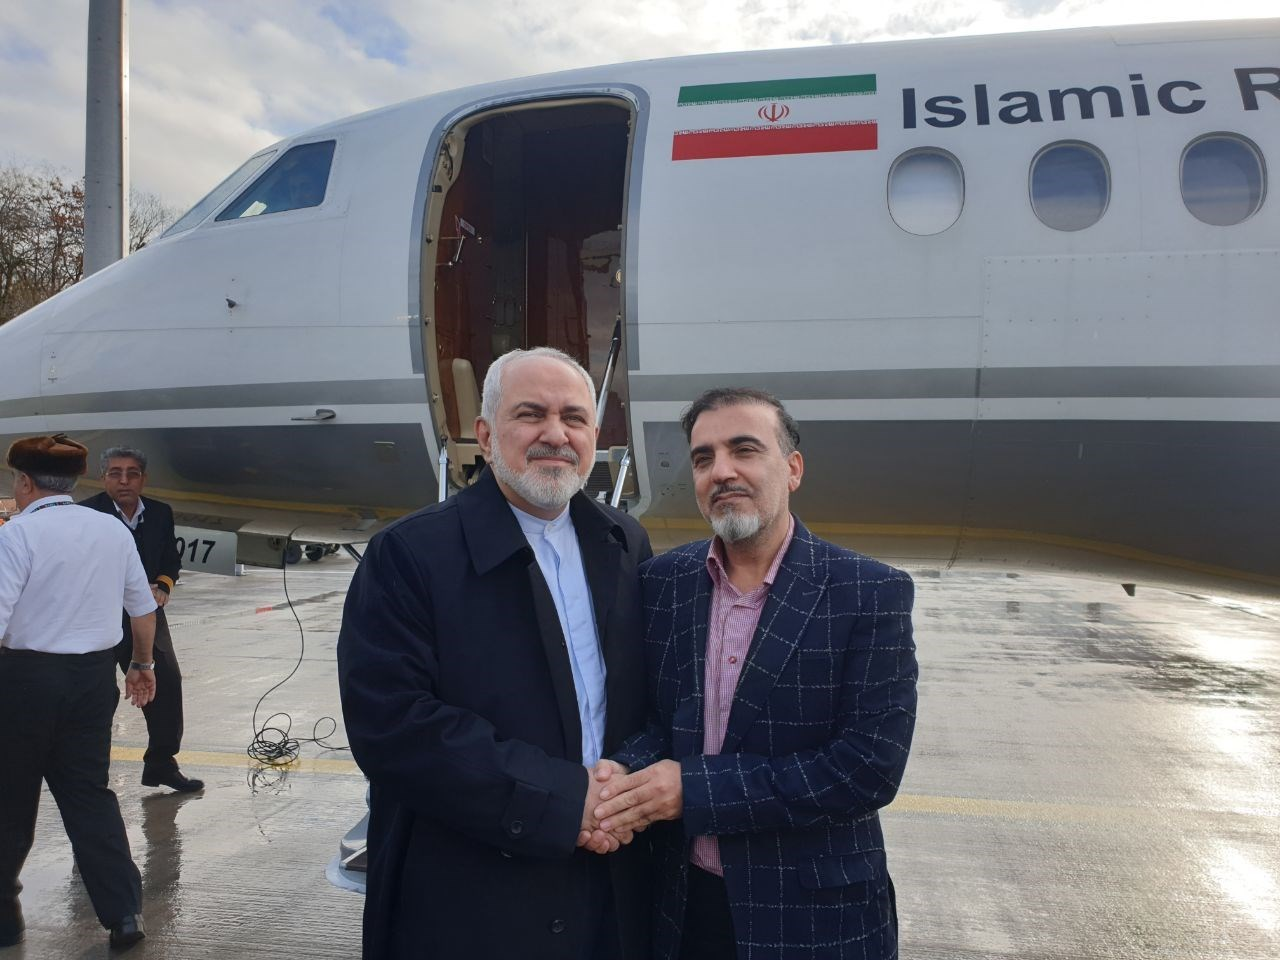 تبادل معتقلين بين إيران والولايات المتحدة